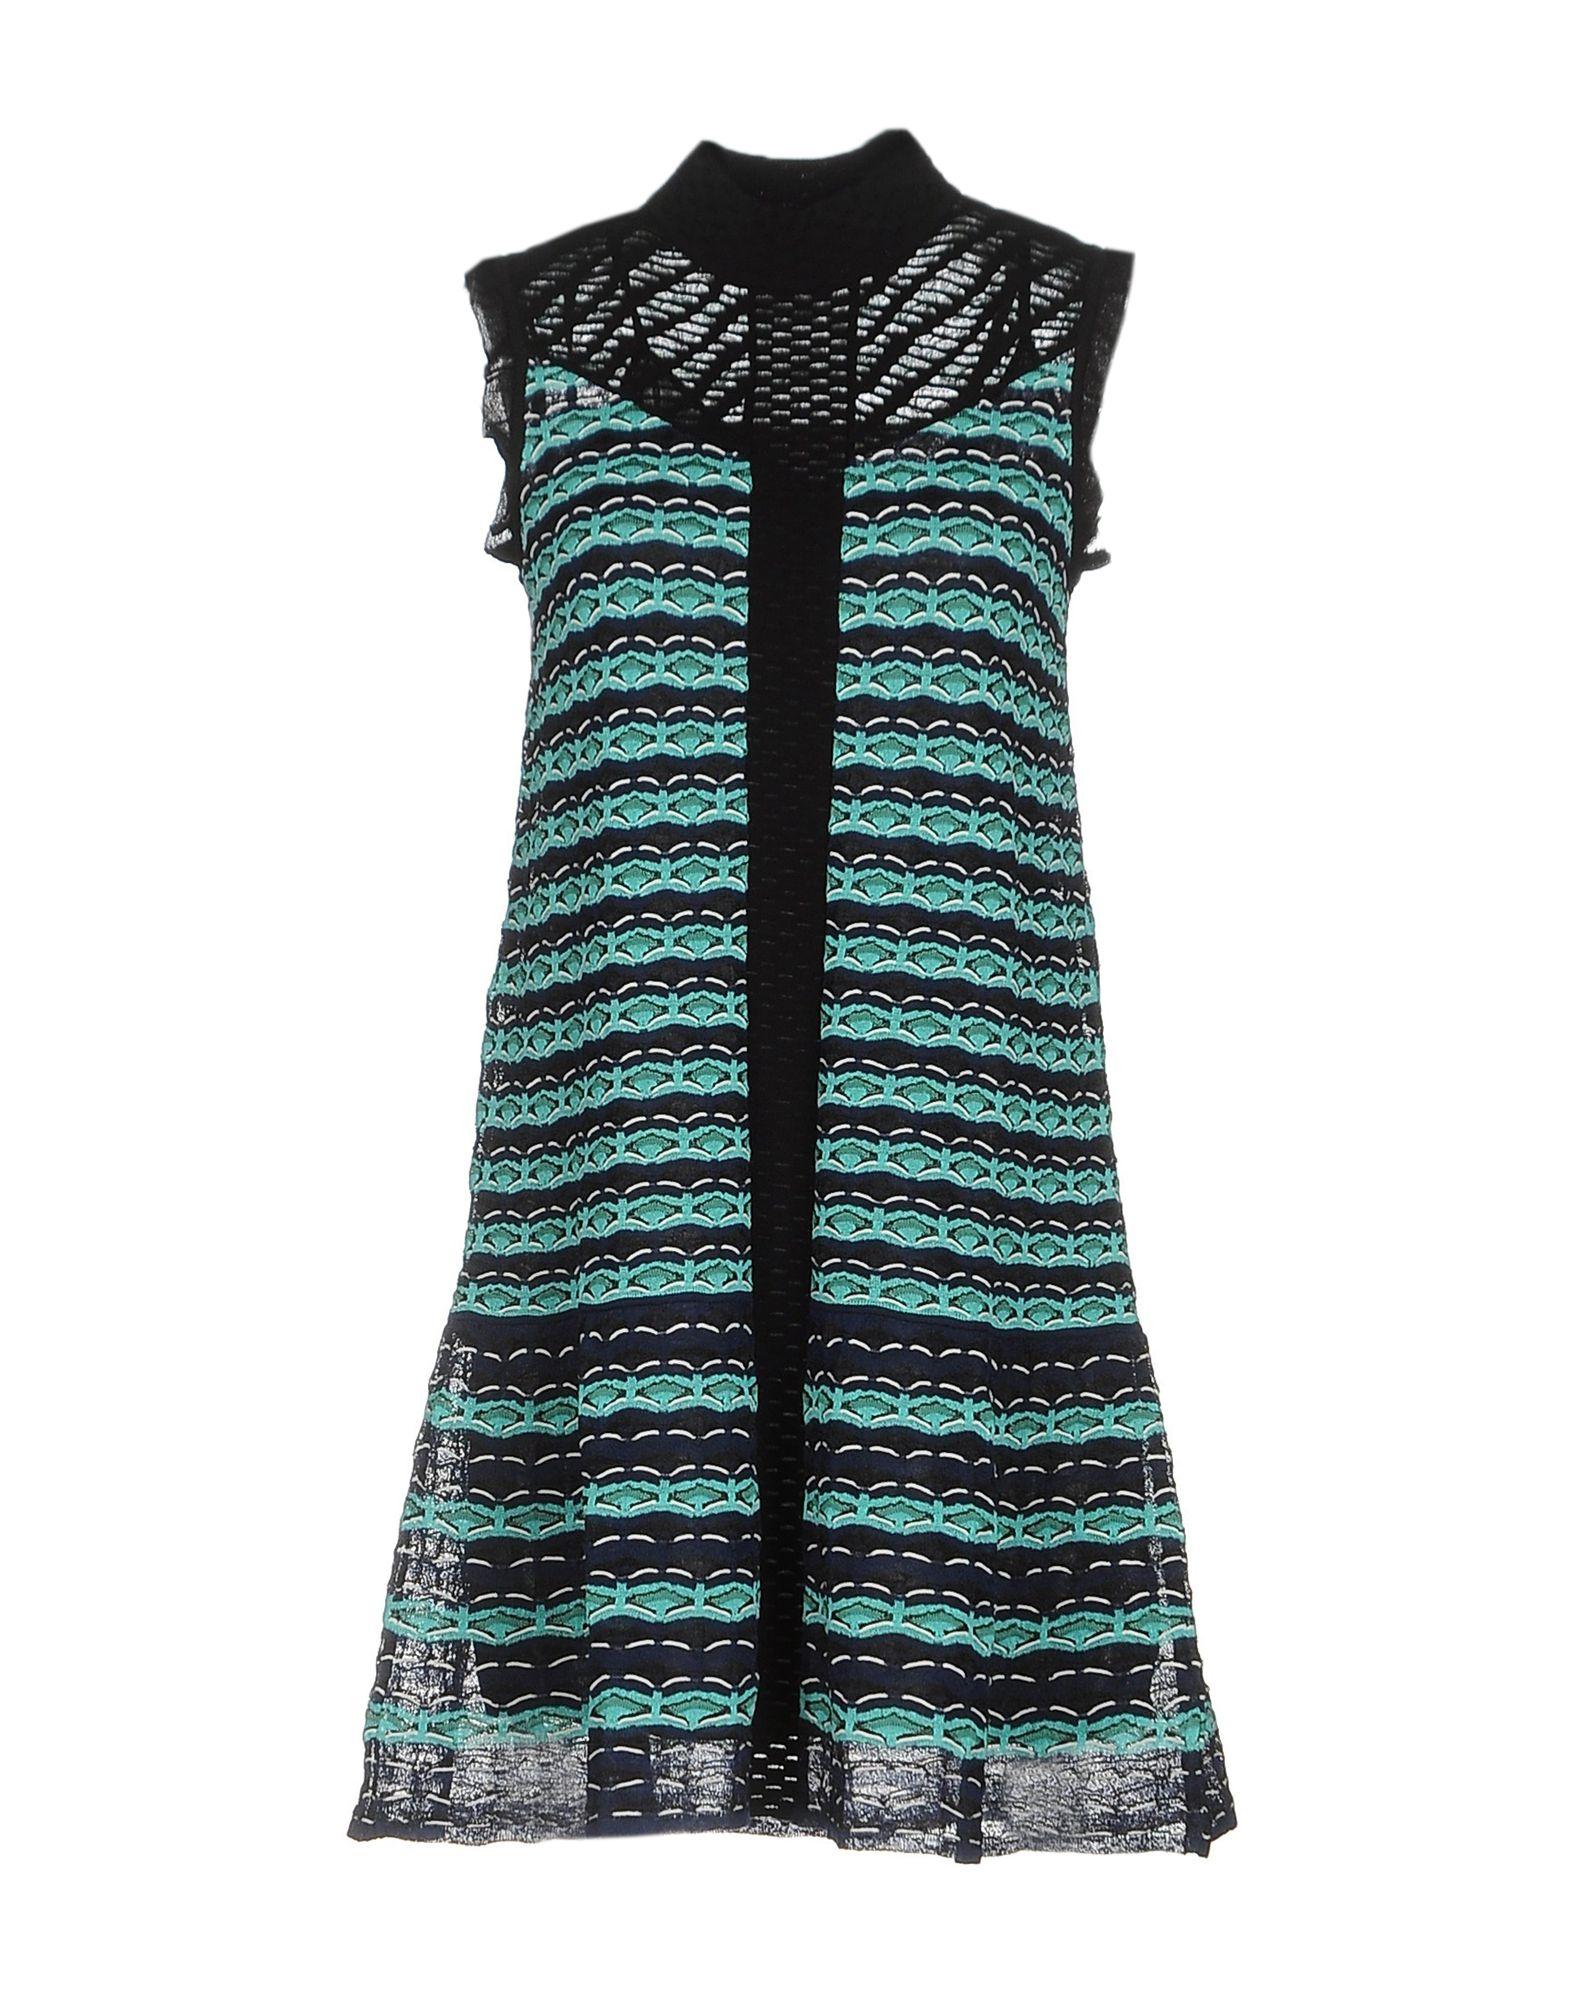 Фото - M MISSONI Короткое платье сибирская женщина 2017 лето стоять воротник платье большой платье темперамент платье s72r0236a28m цвет m